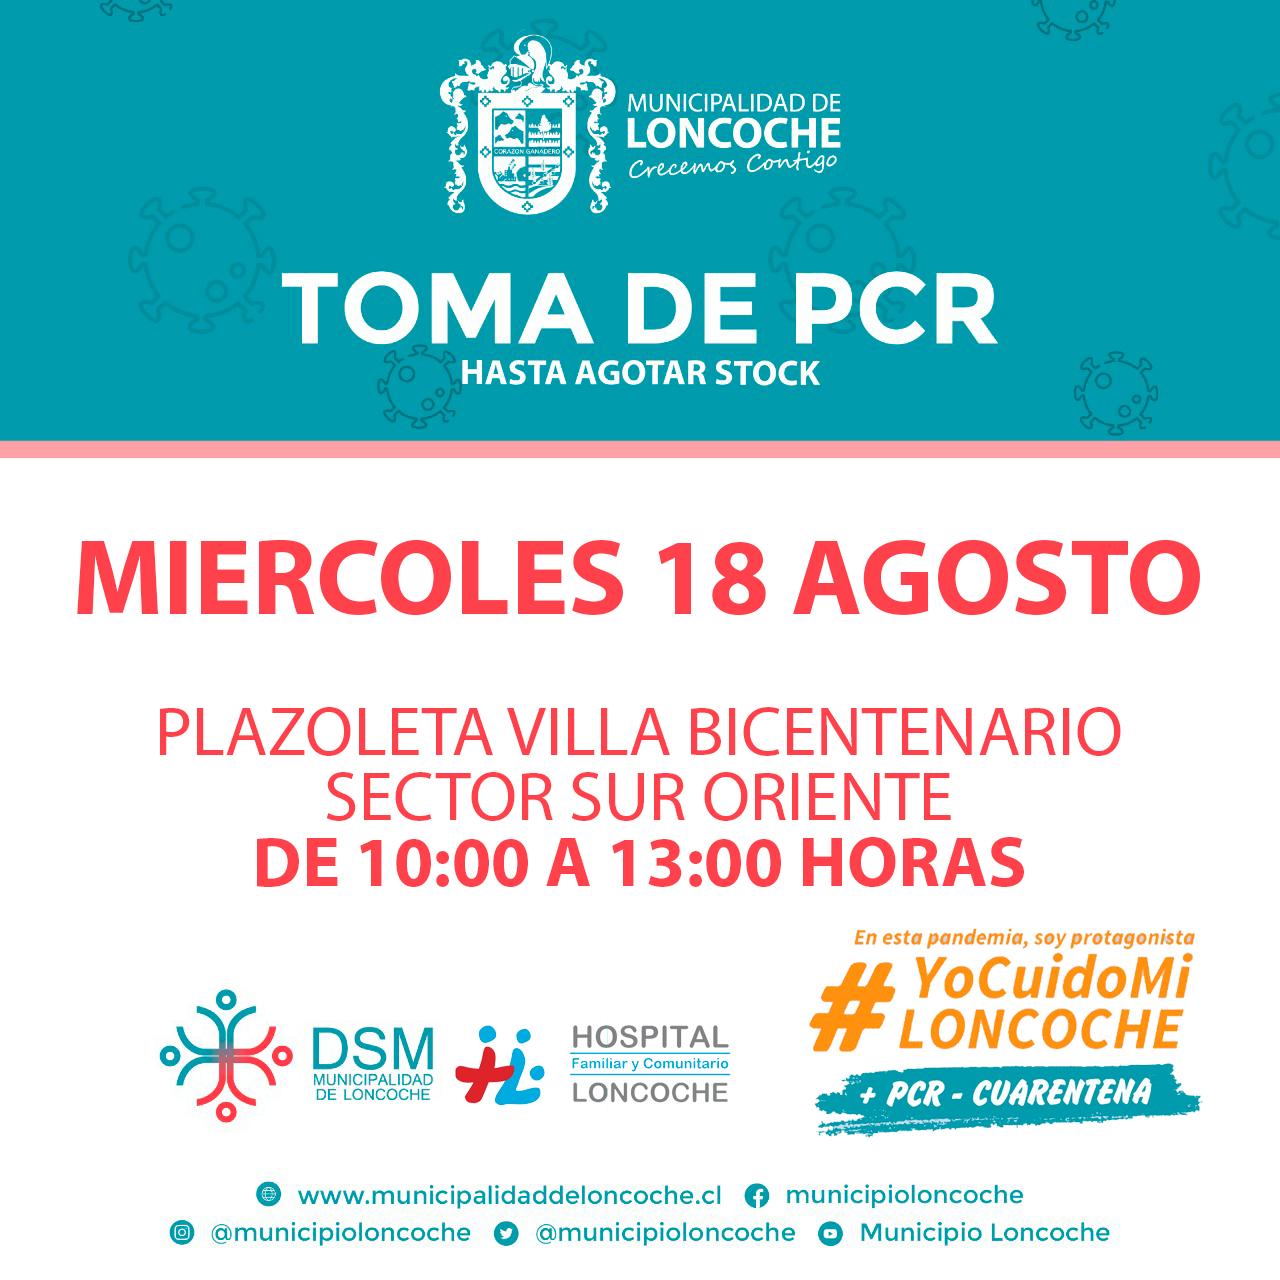 ¡HOY TOMA DE PCR SECTOR SUR-ORIENTE DE LONCOCHE!